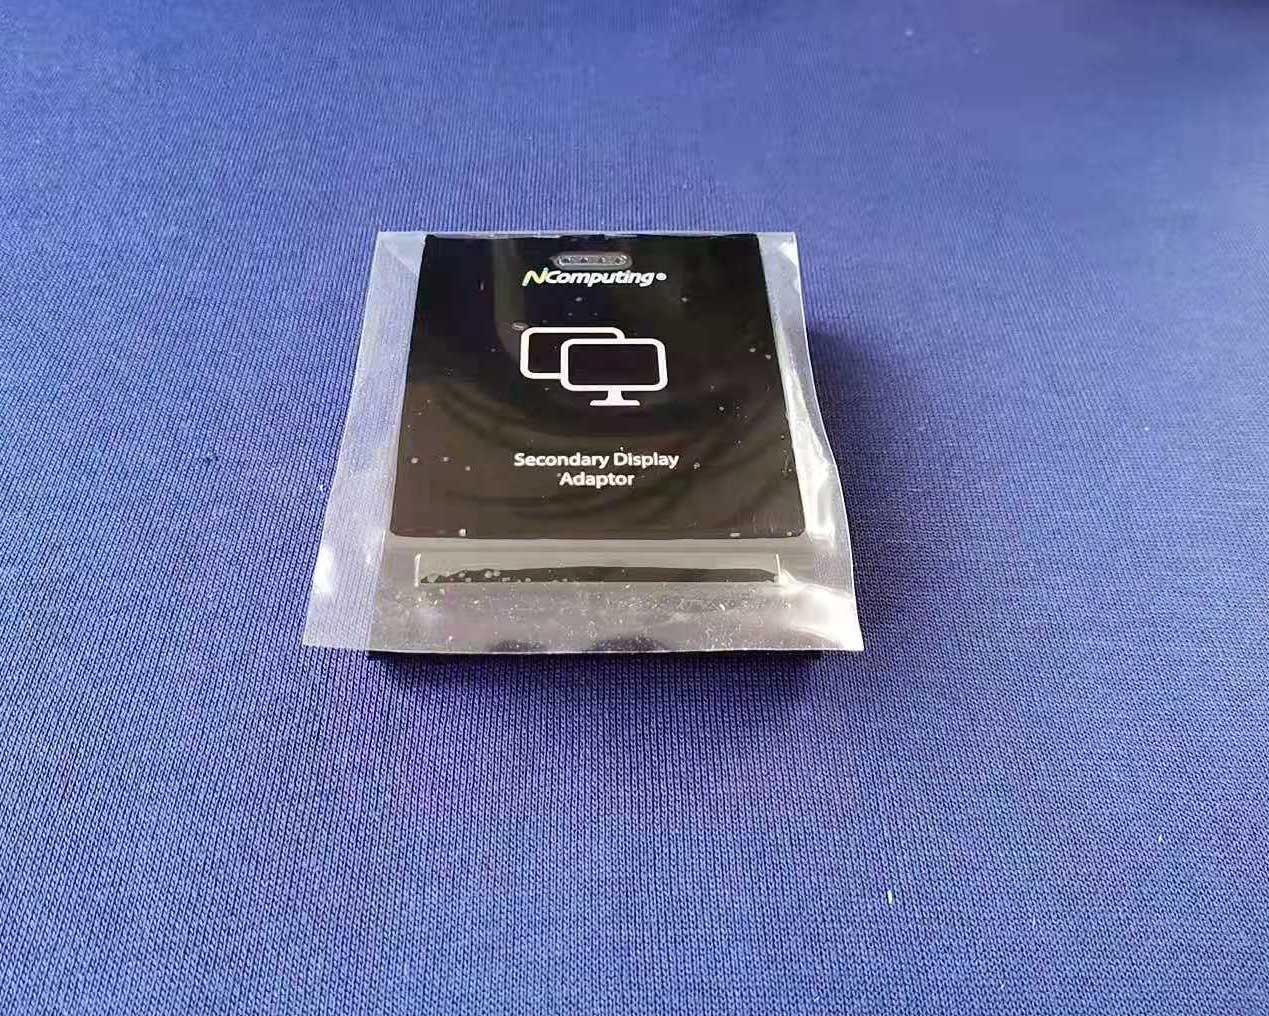 第3代SDA(第2显示器适配器) for RX300全新,HDMI接口